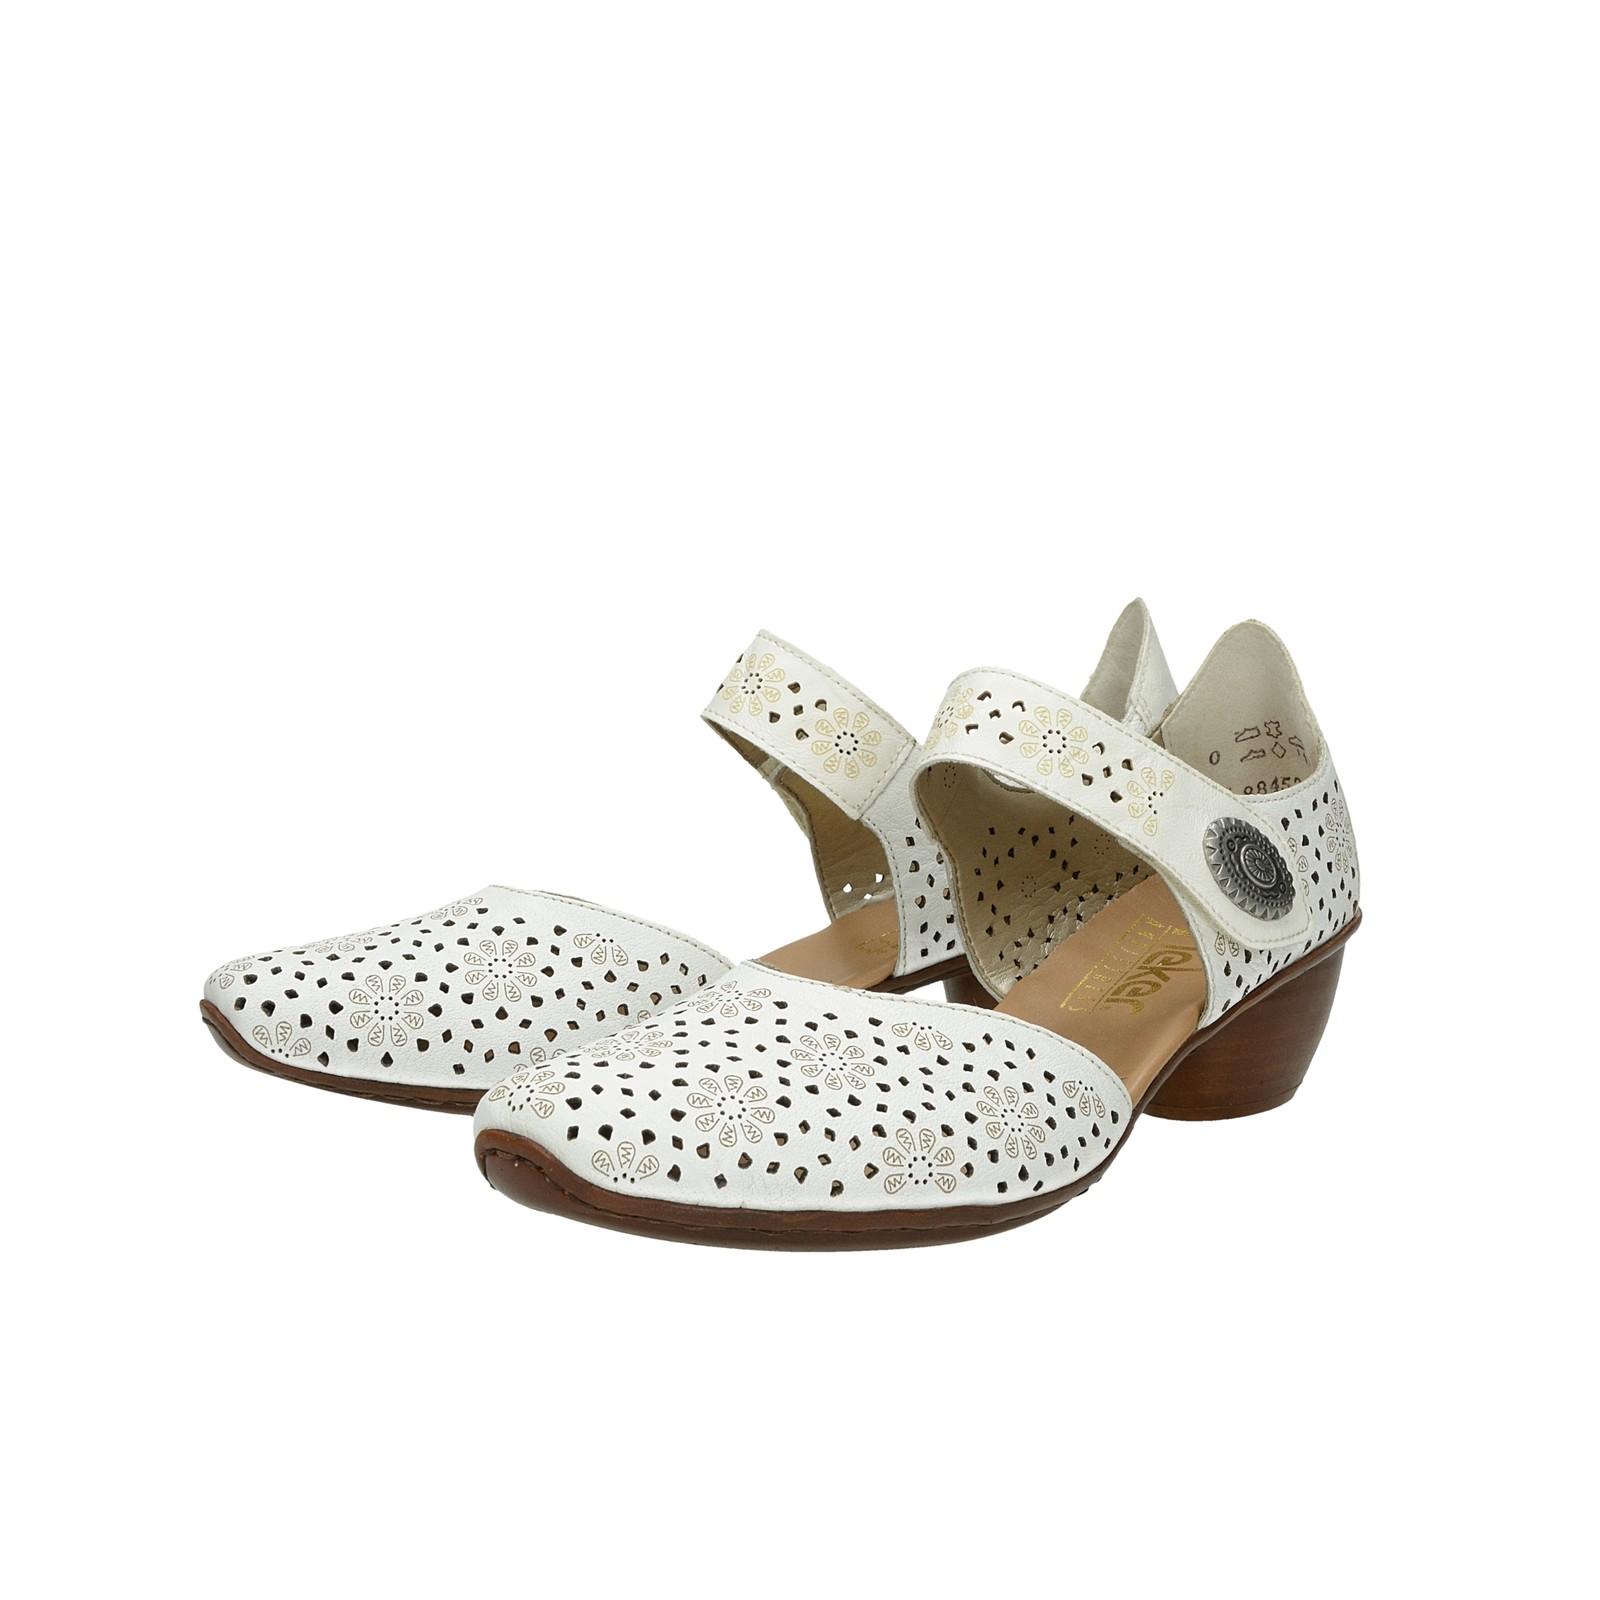 e06ed2d8a9f9 Rieker dámske kožené perforované sandále - biele ...